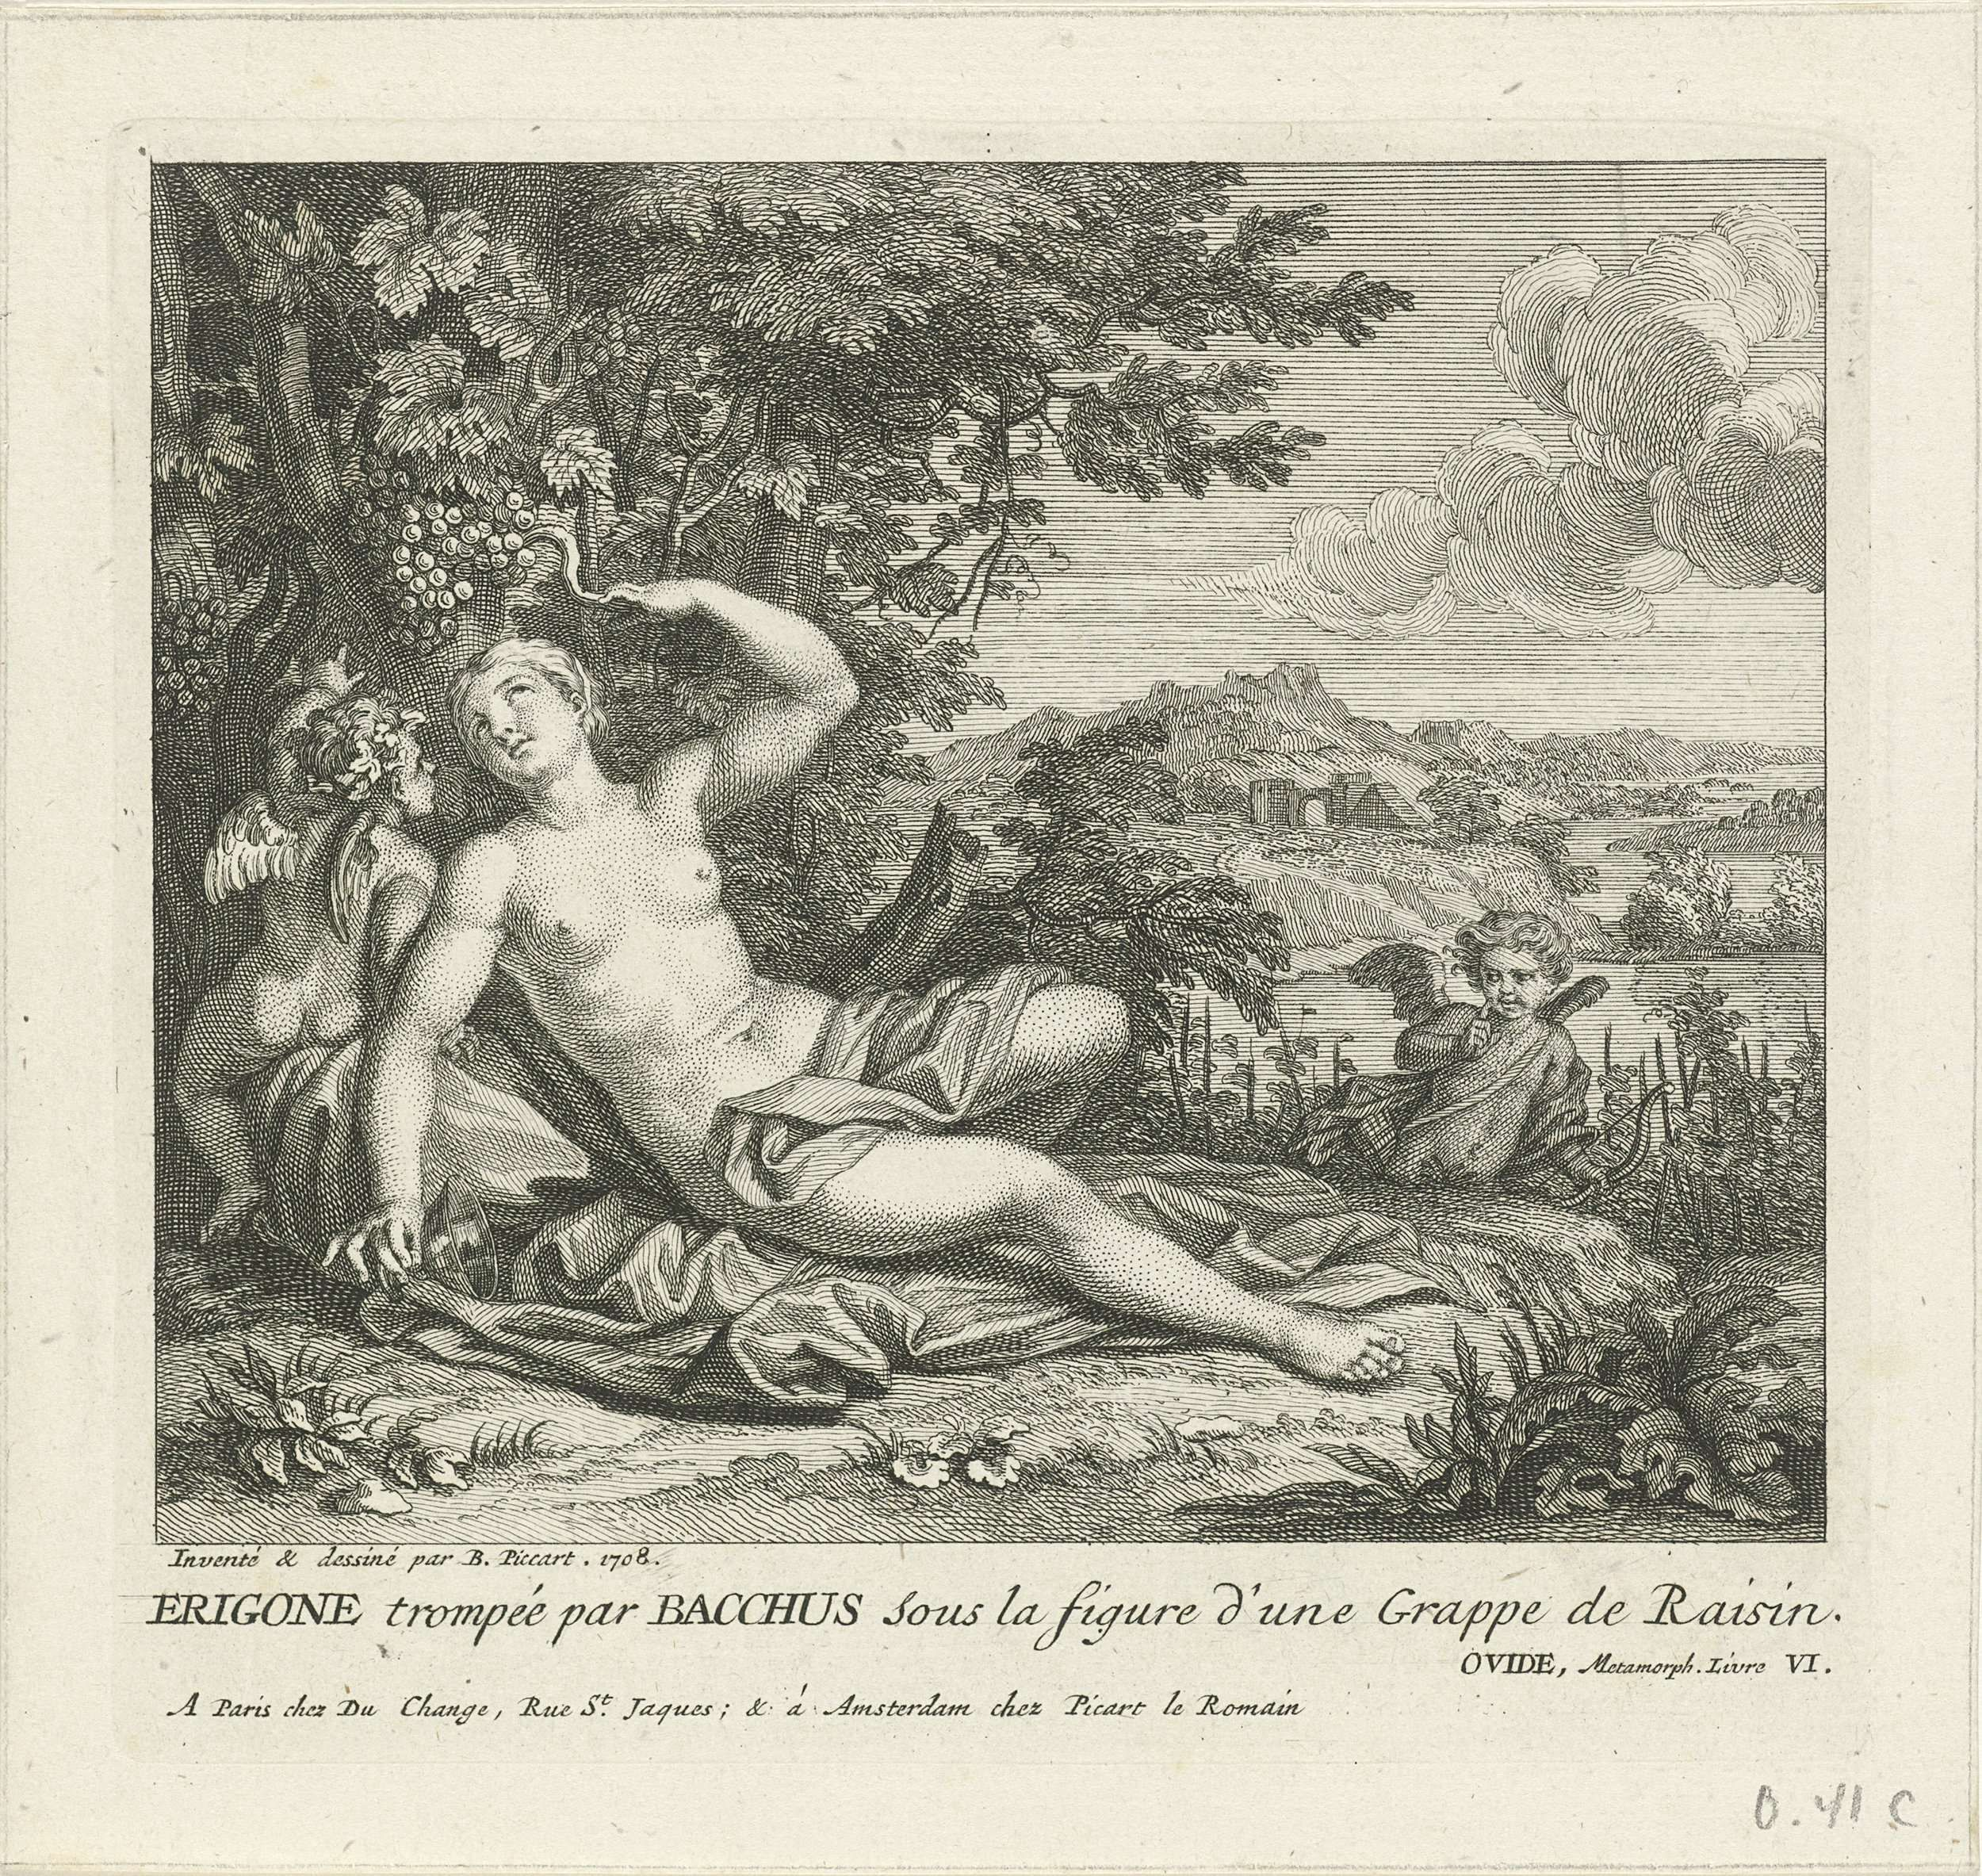 Bernard Picart   Bacchus en Erigone, Bernard Picart, Gaspard Duchange, 1708   Bacchus, in de gedaante van een druiventros, verleidt Erigone. Zij ligt in het gras en kijkt op naar de tros die aan een tak hangt, in haar hand een drinkbeker. Amor kijkt toe. In de marge een onderschrift in het Frans.